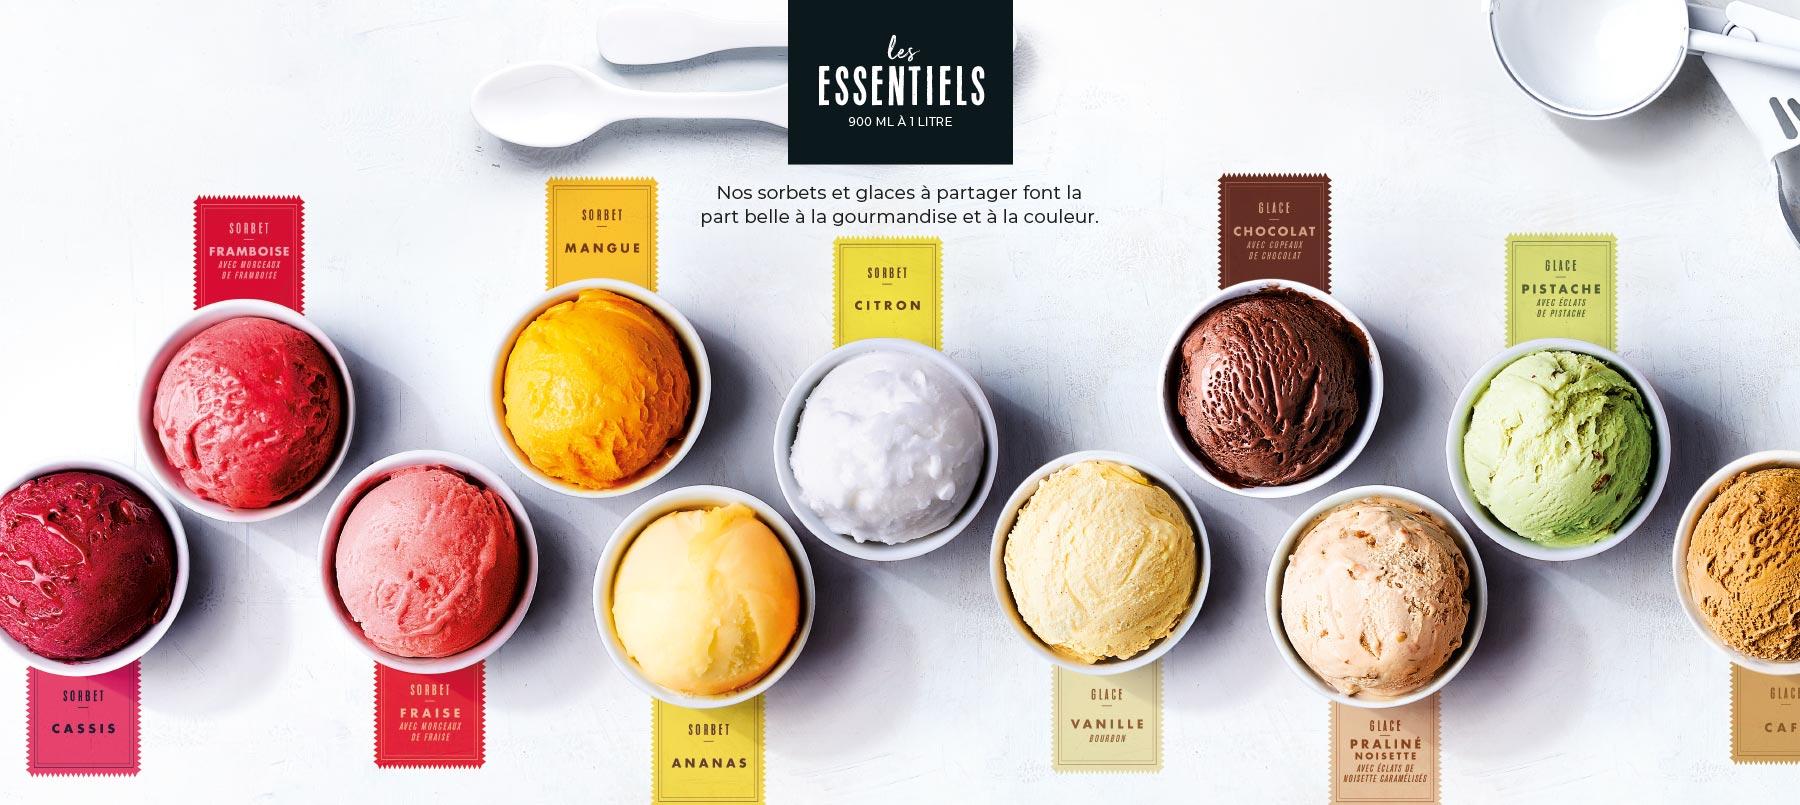 Les sorbets et glaces de la Maison Thiriet font la part belle à la gourmandise et à la couleur !